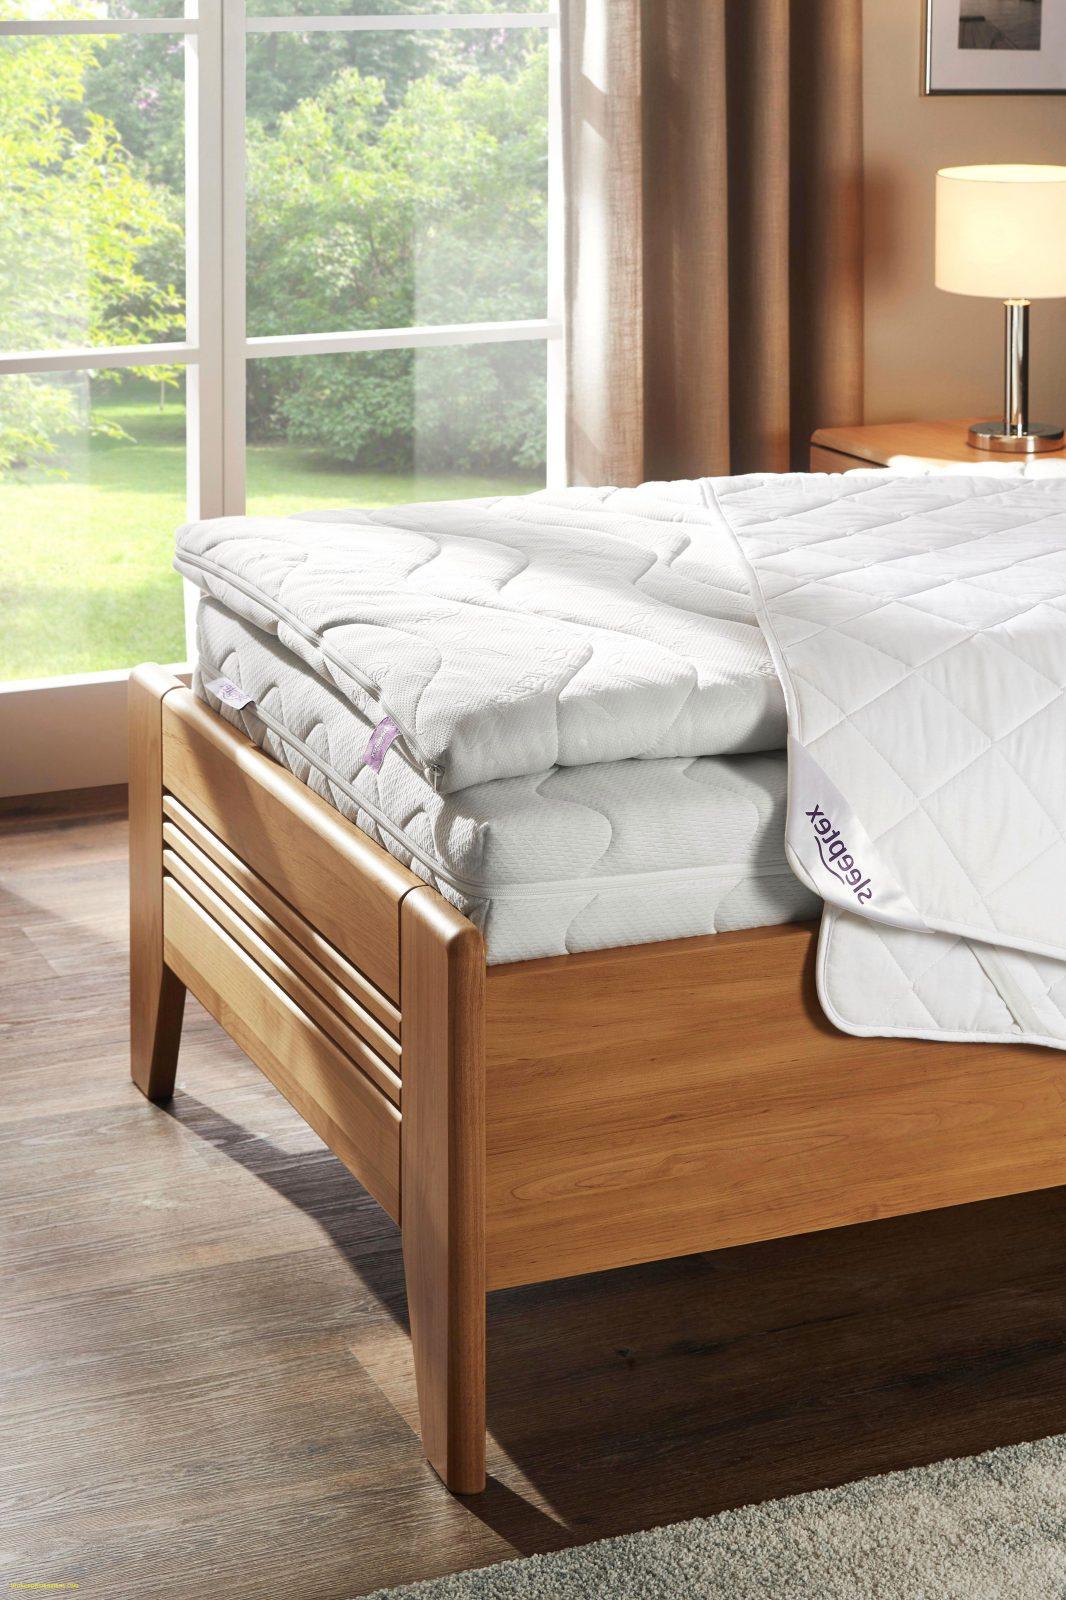 Bett Kopfteil Selber Machen Bett Kopfteil Mit Beleuchtung Selber von Bett Kopfteil Mit Beleuchtung Selber Bauen Photo